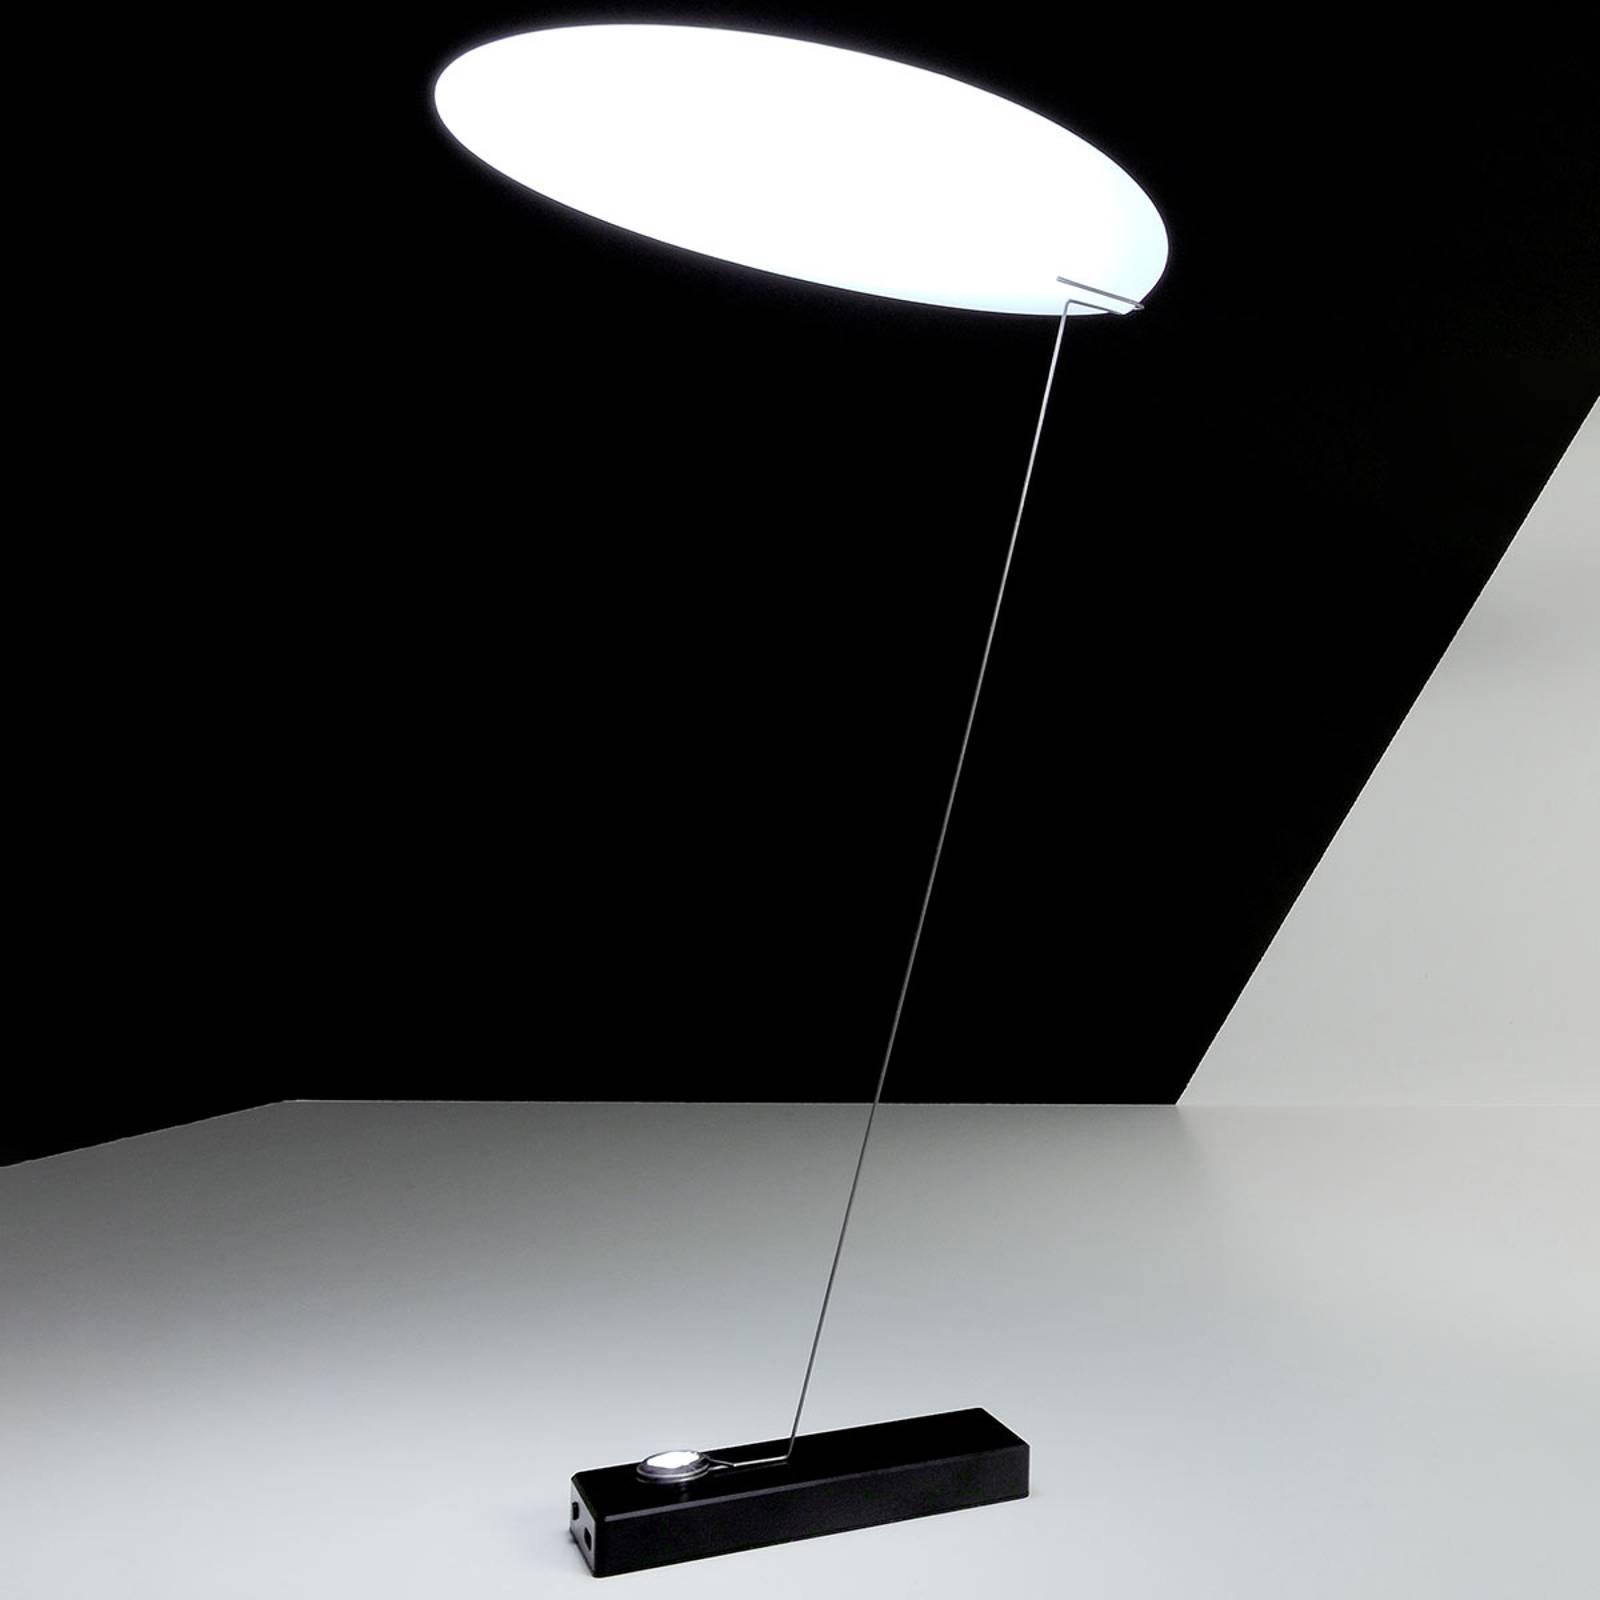 Ingo Maurer Koyoo - Lampe à poser de designer LED